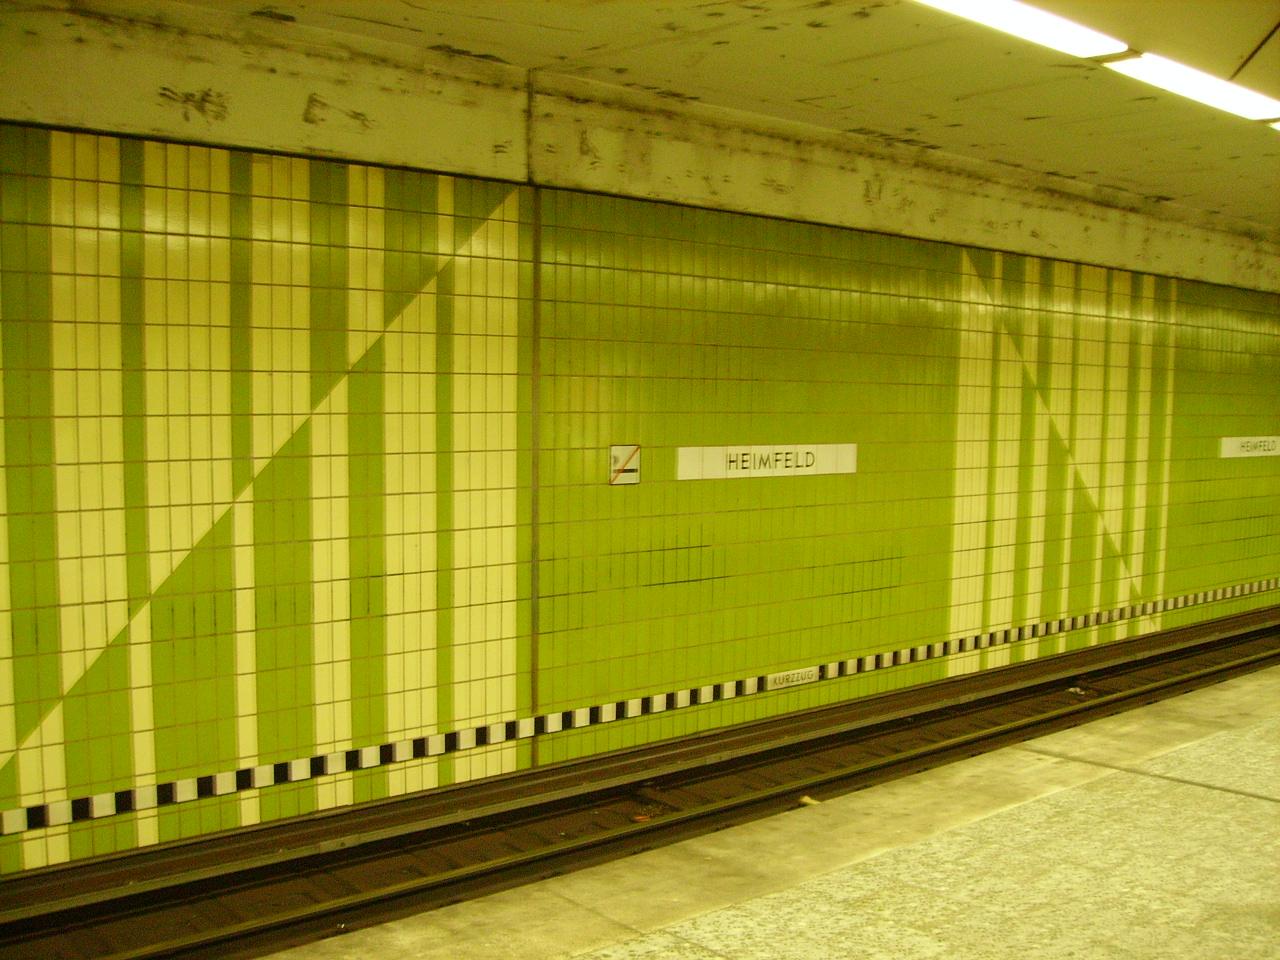 S Bahn Heimfeld